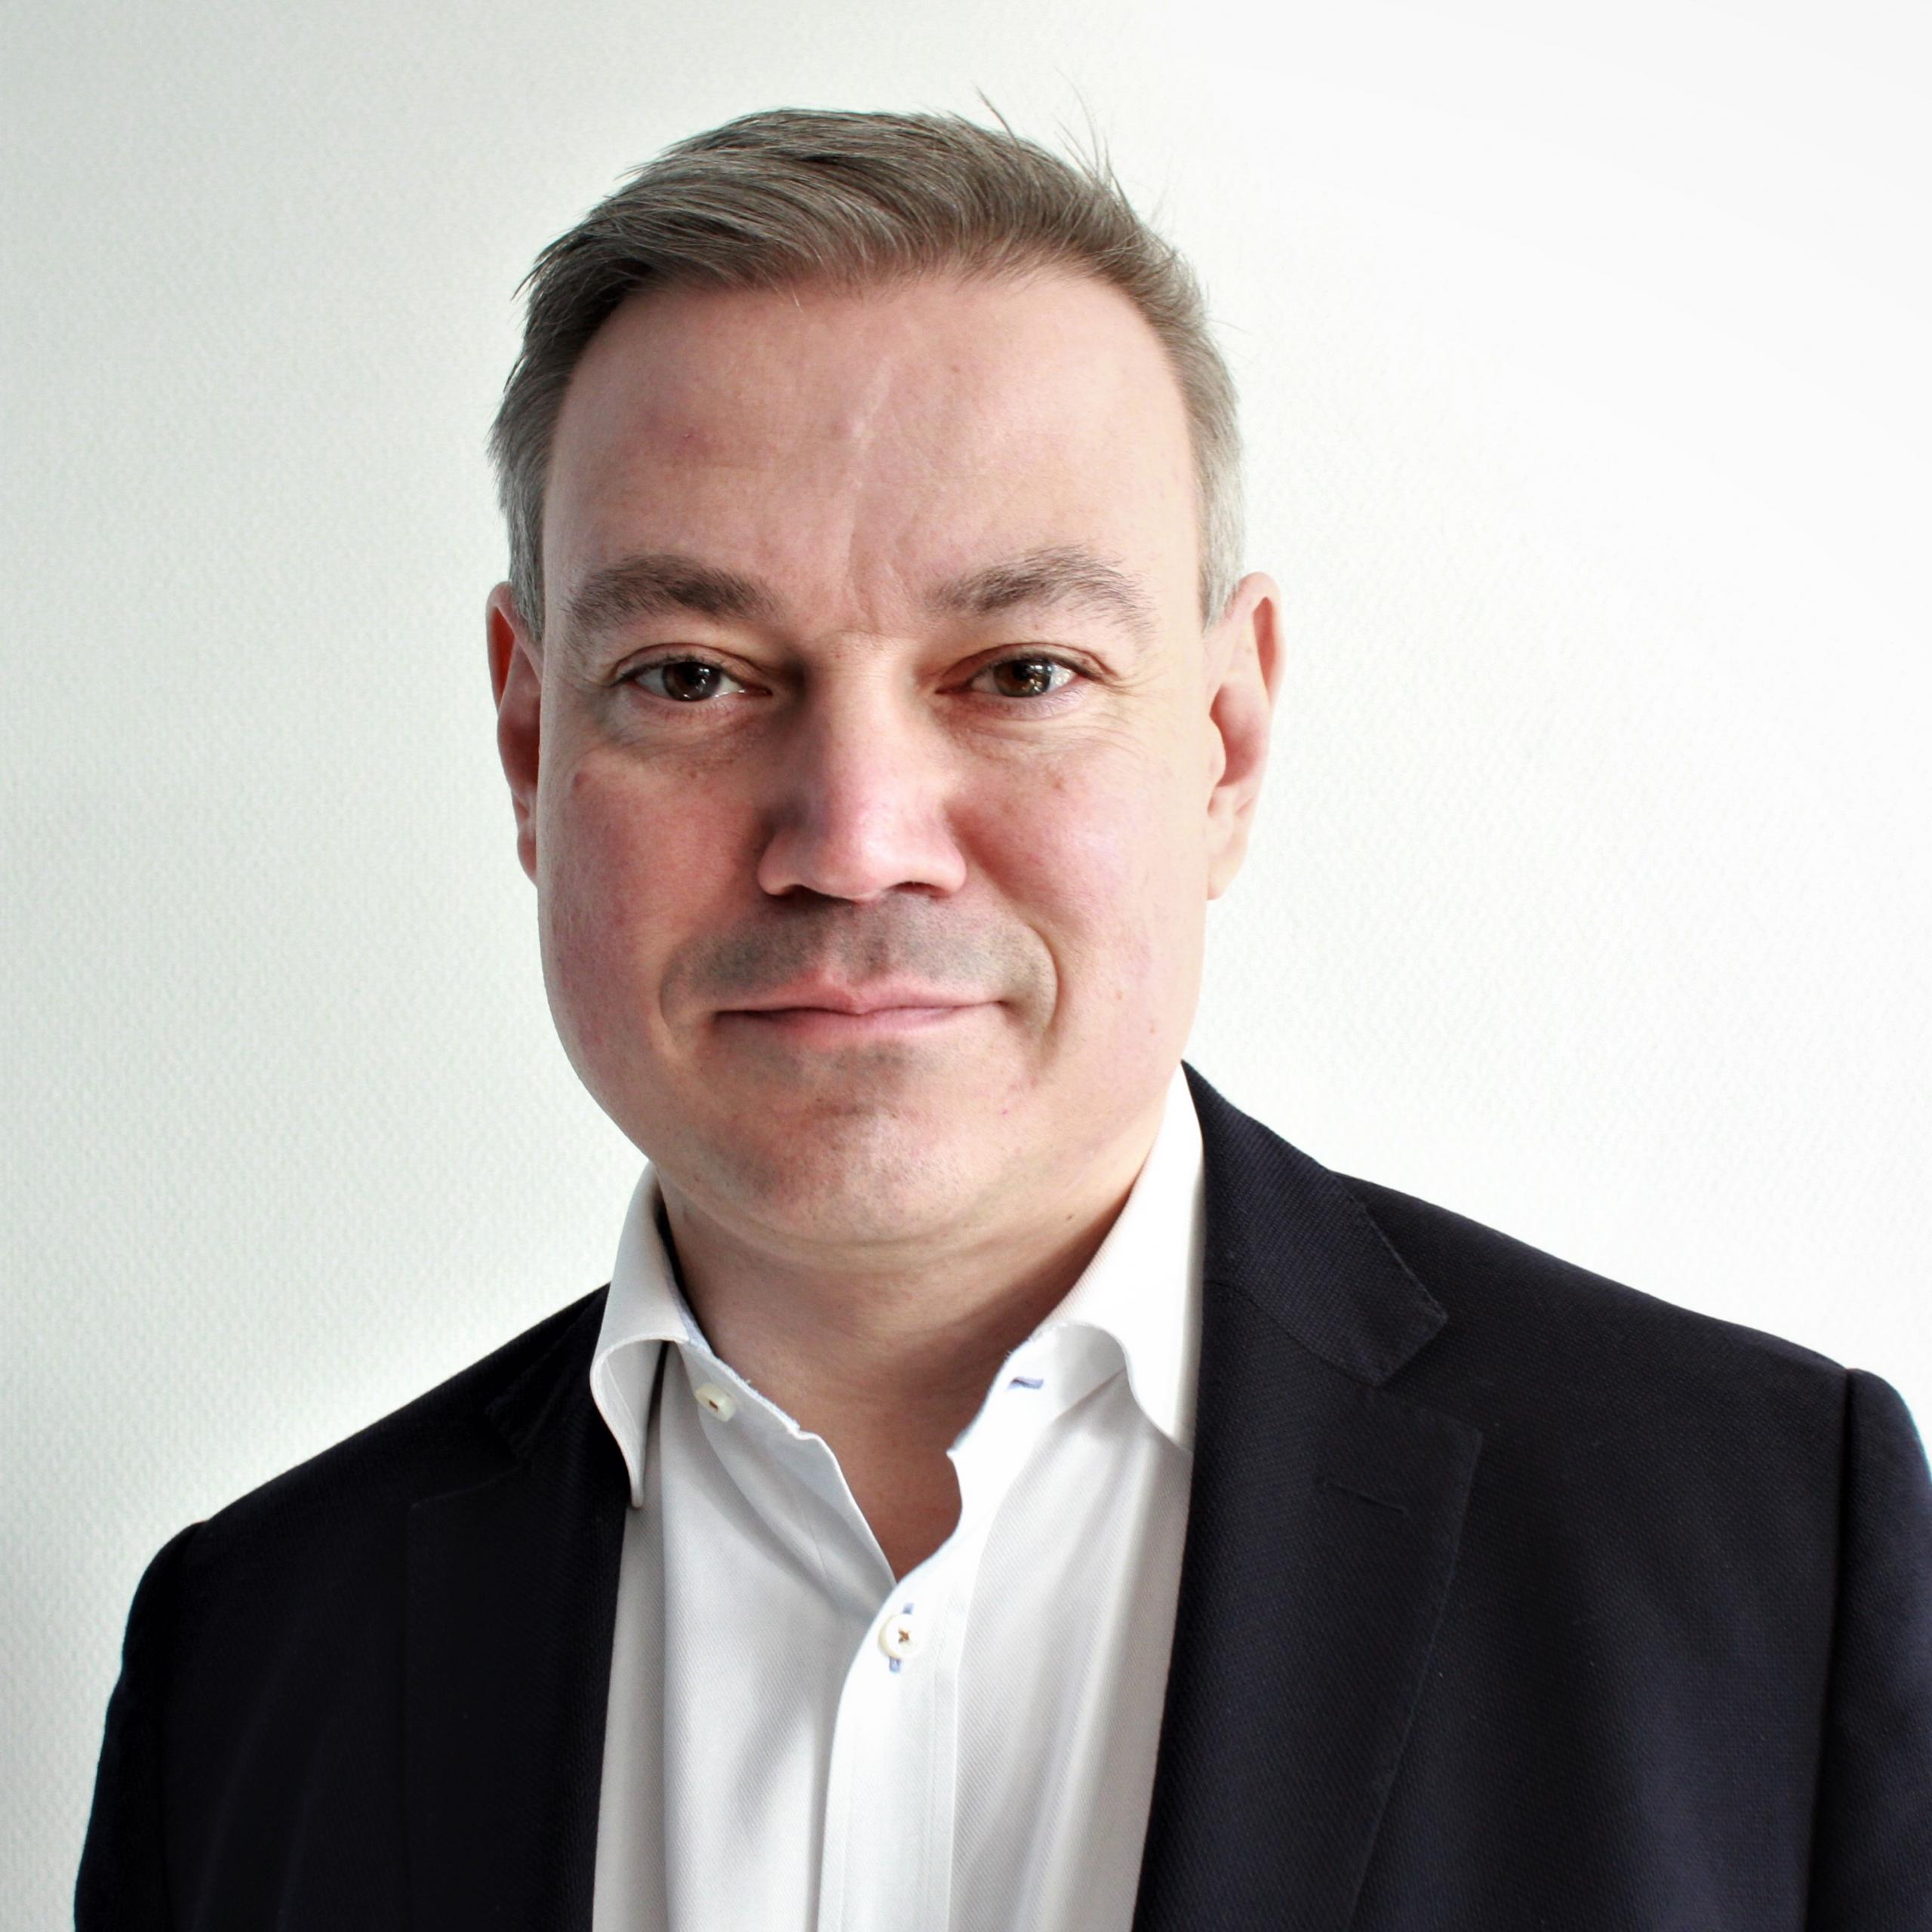 Uwe Sandner, finleap connect